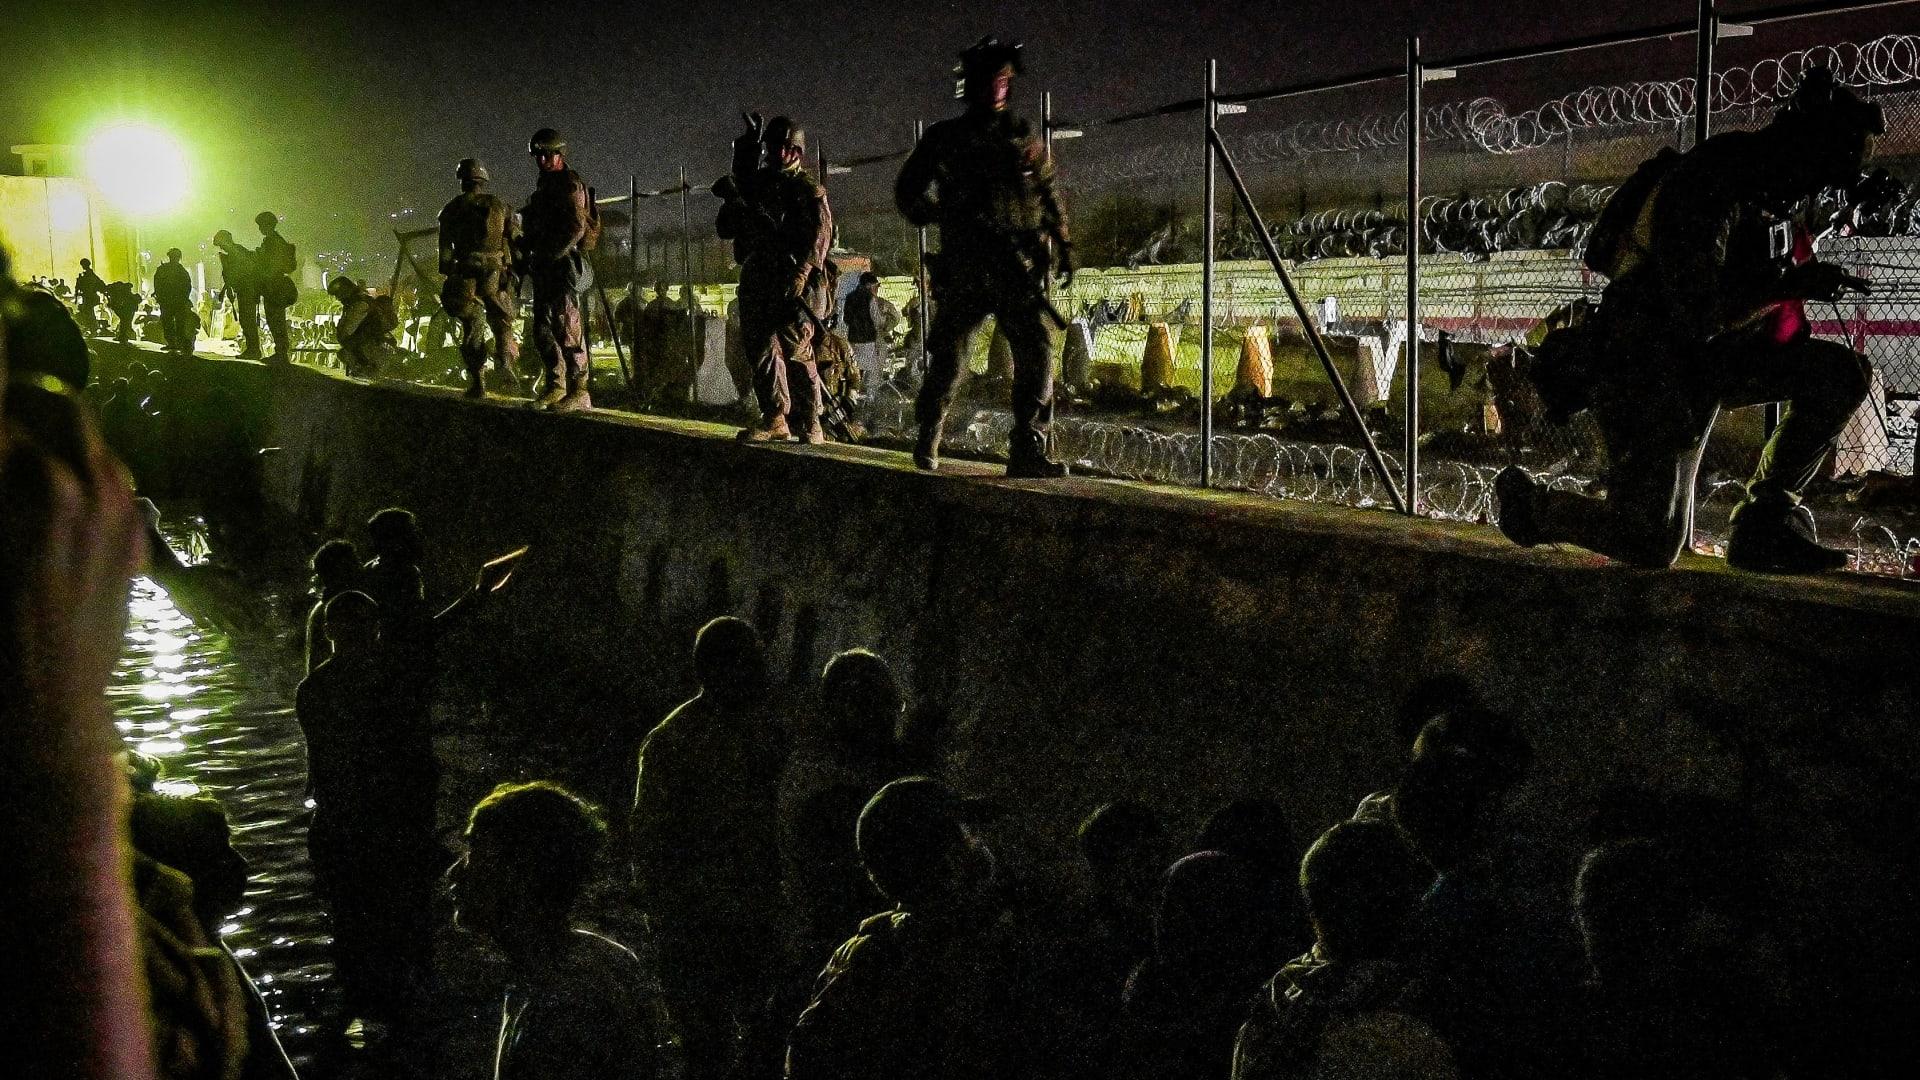 البنتاغون يؤكد مقتل جنود أمريكيين في انفجاري مطار كابول